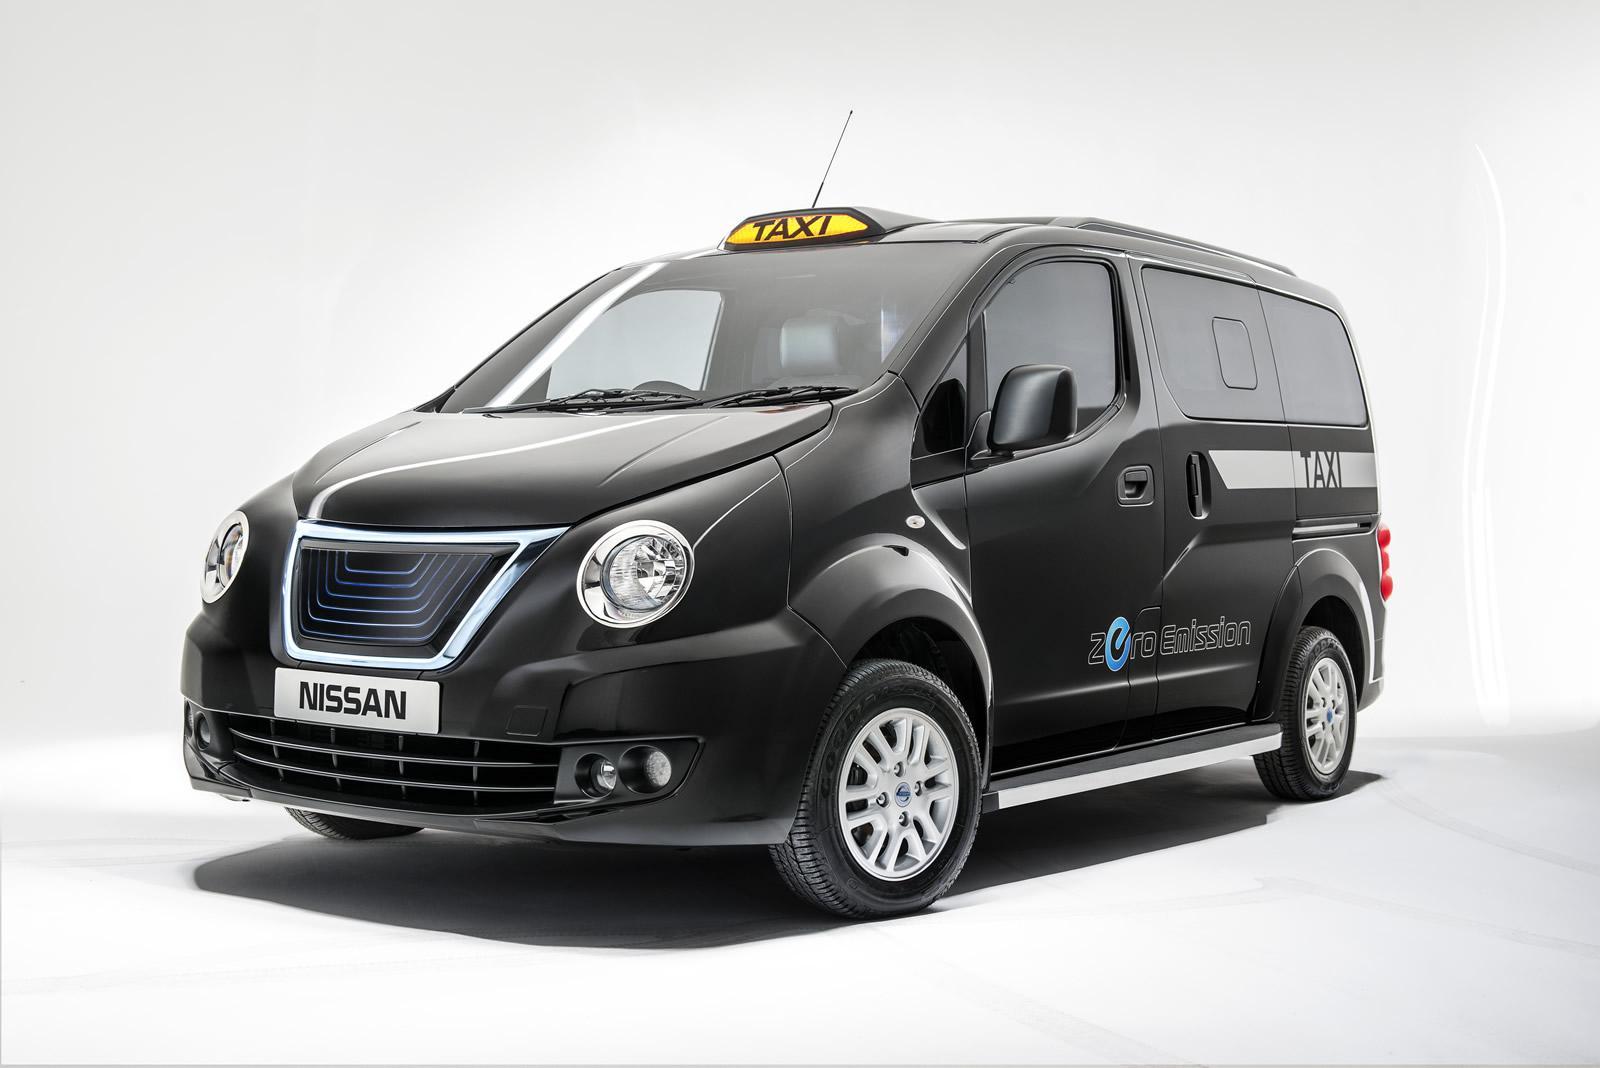 日産 NV200 ロンドンタクシー、現在計画中断中!? : Moter Sounds